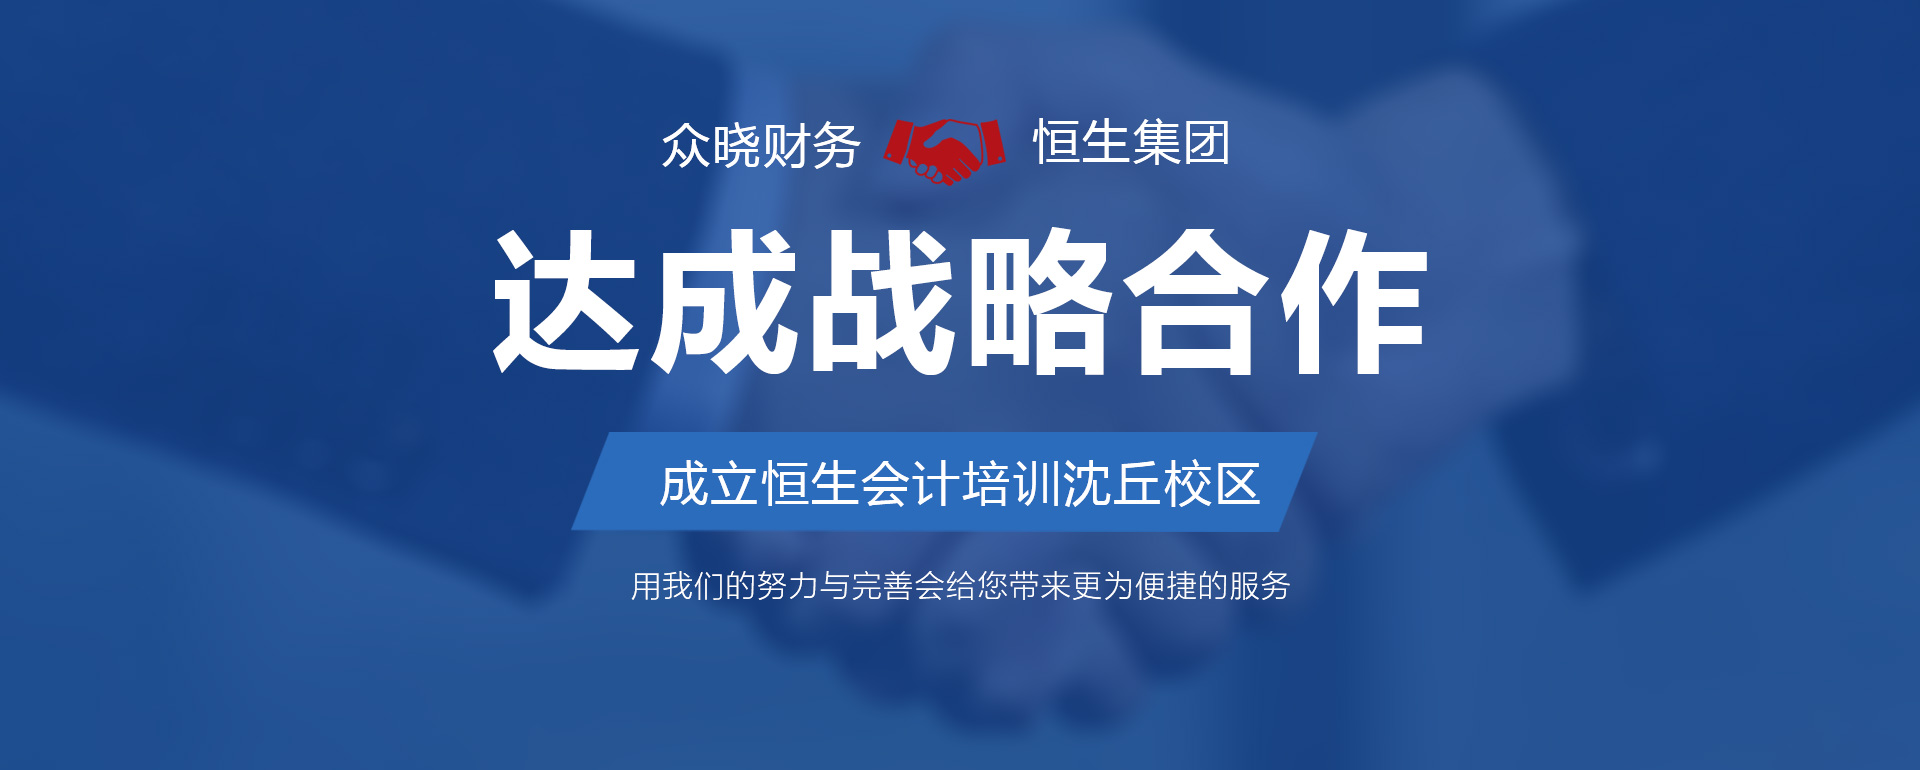 郑州注册公司